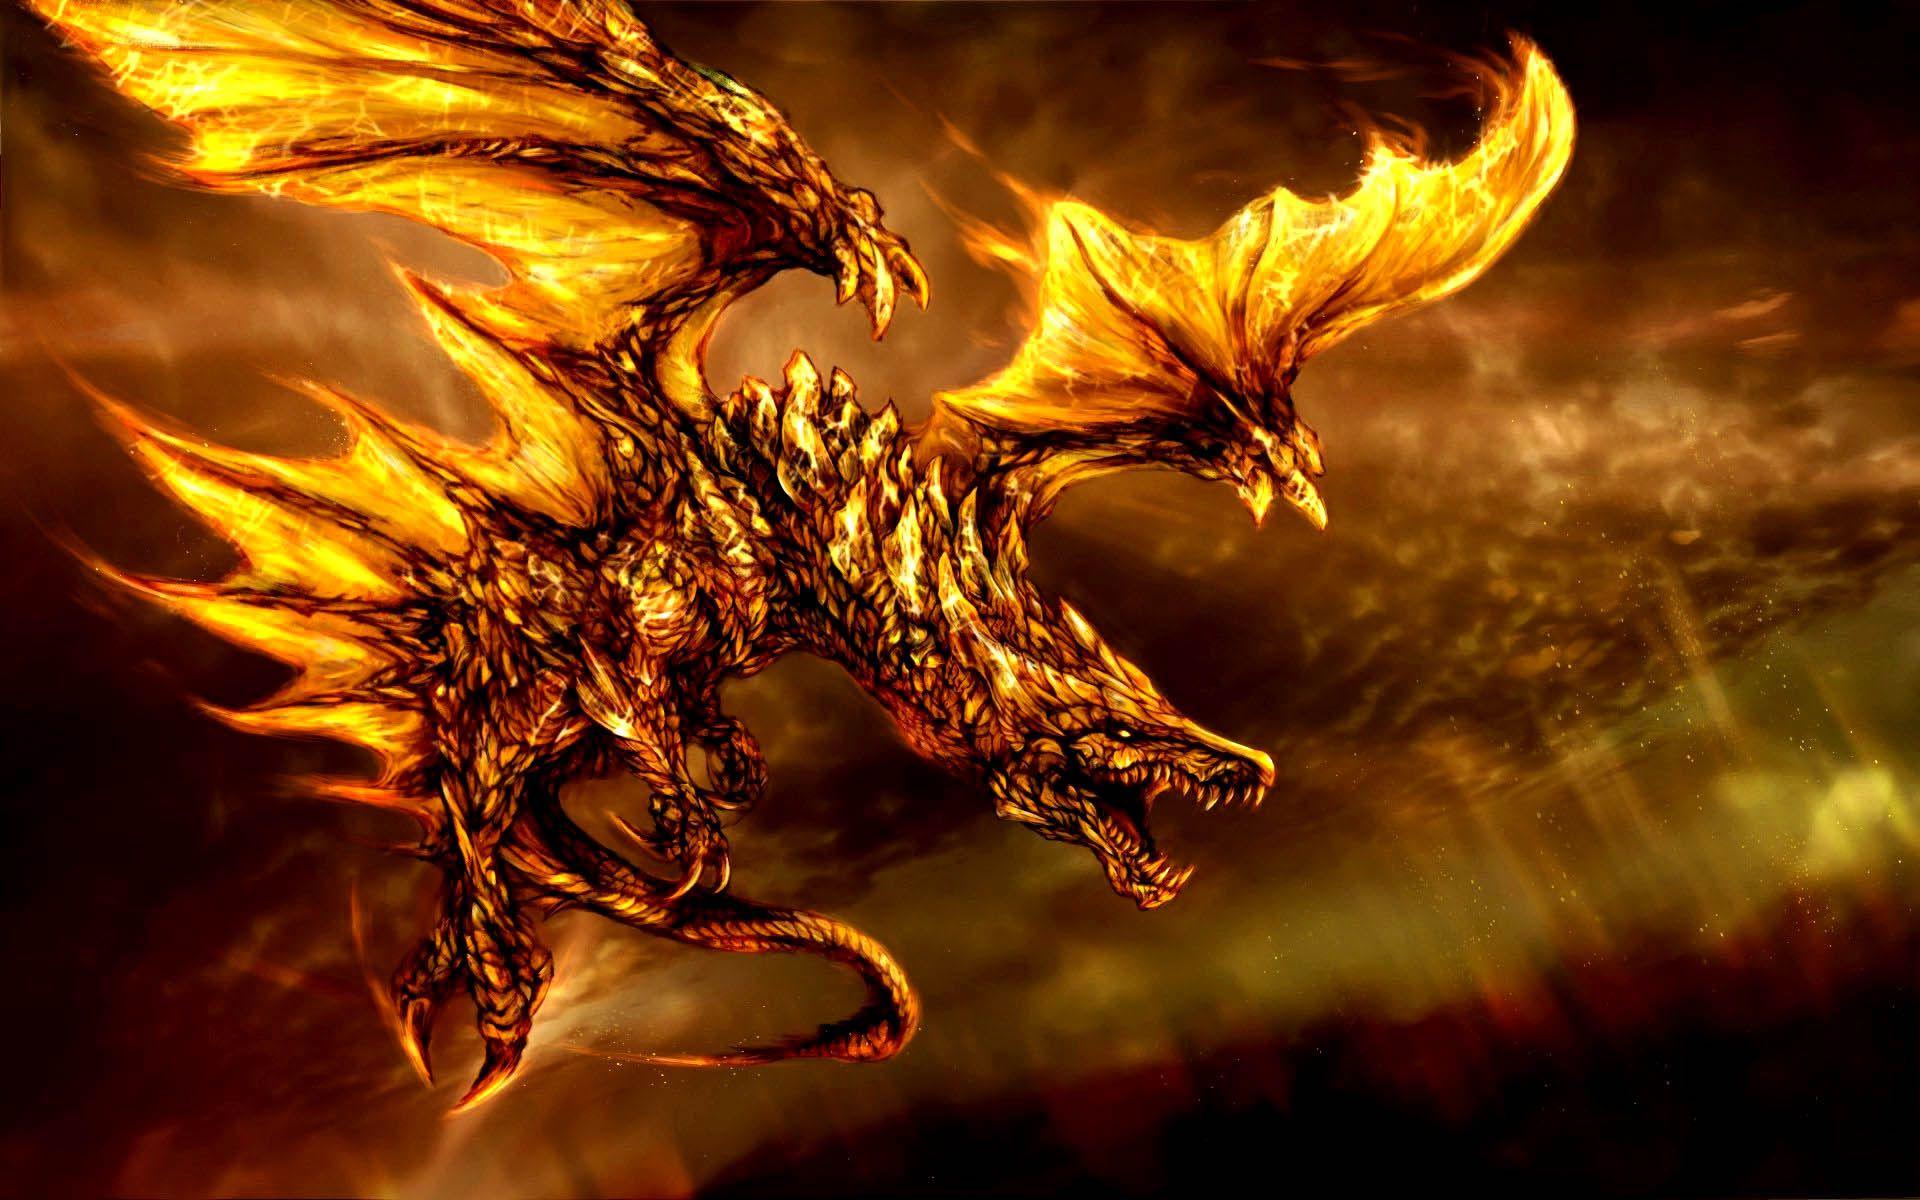 3d fire dragon wallpaper hd wallpaper pinterest fire